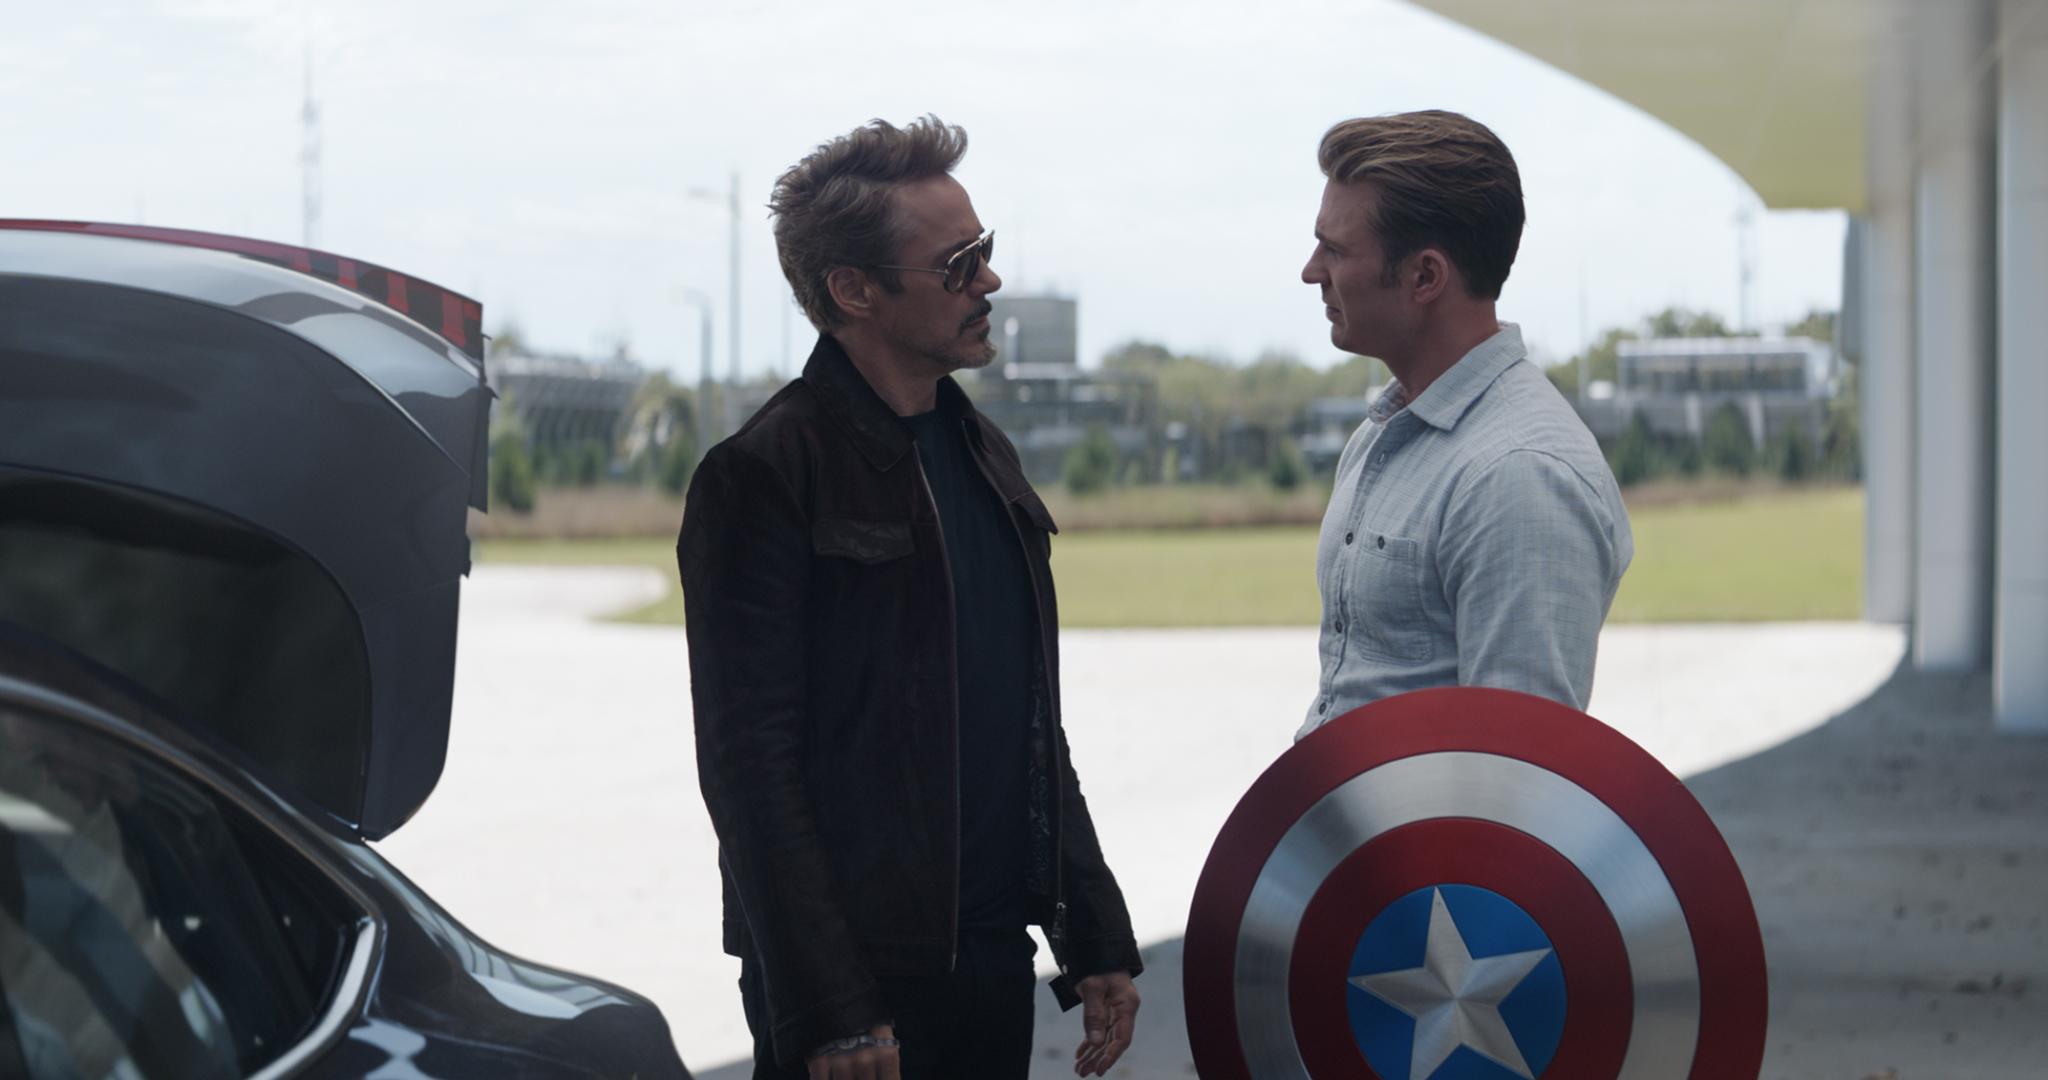 L to R: Tony Stark/Iron Man (Robert Downey Jr.) and Steve Rogers/Captain America (Chris Evans) in Avengers: Endgame